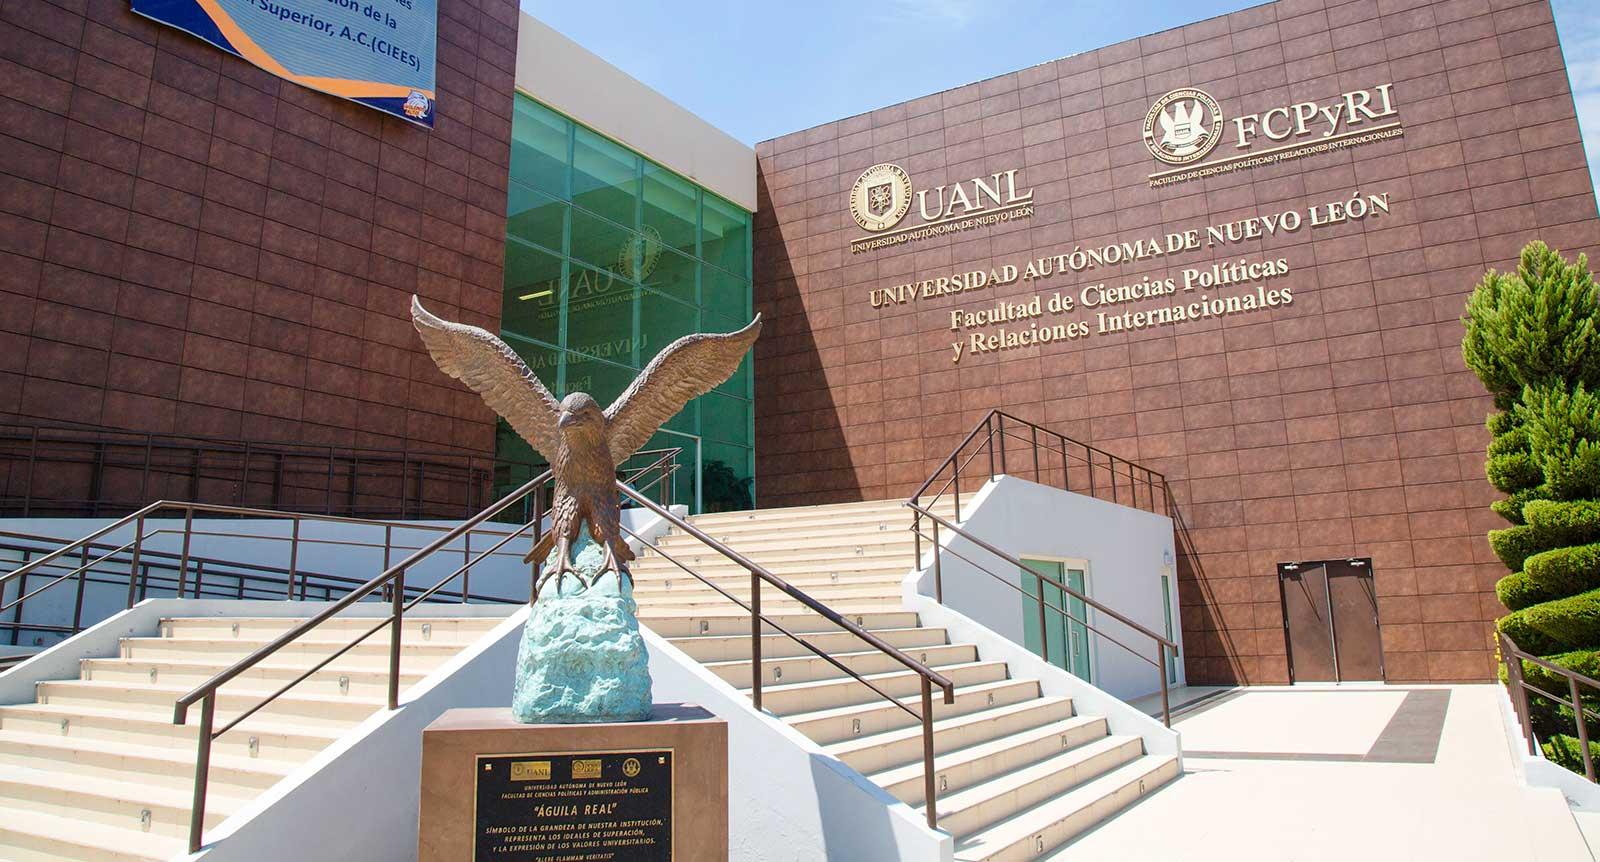 Facultad de Ciencias Políticas y Relaciones Internacionales